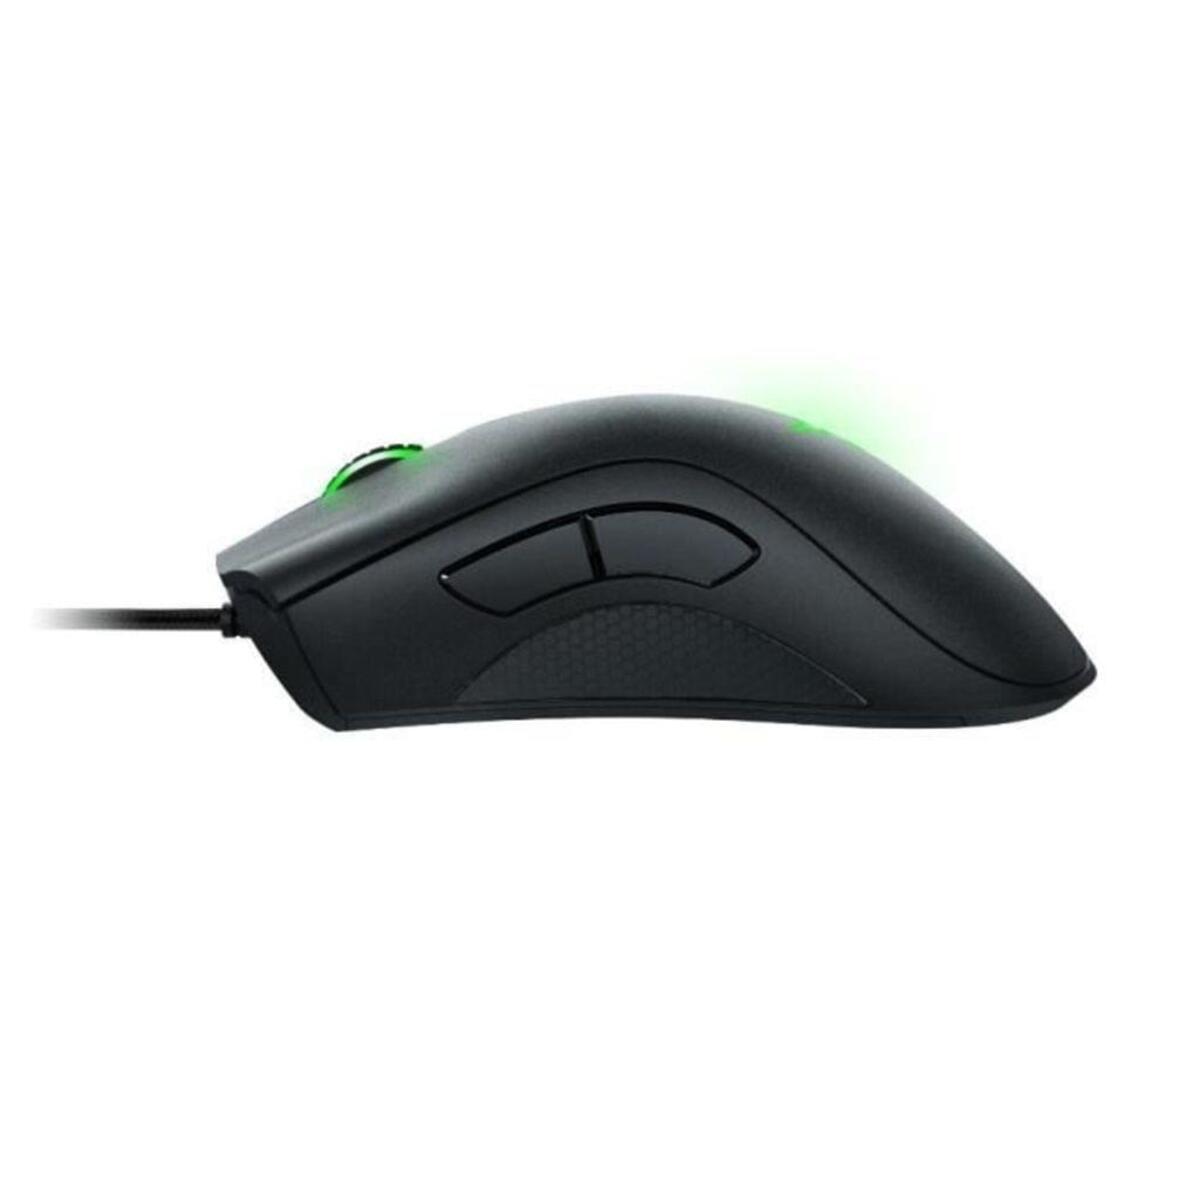 Bild 2 von Razer Gaming-Maus DeathAdder Essential